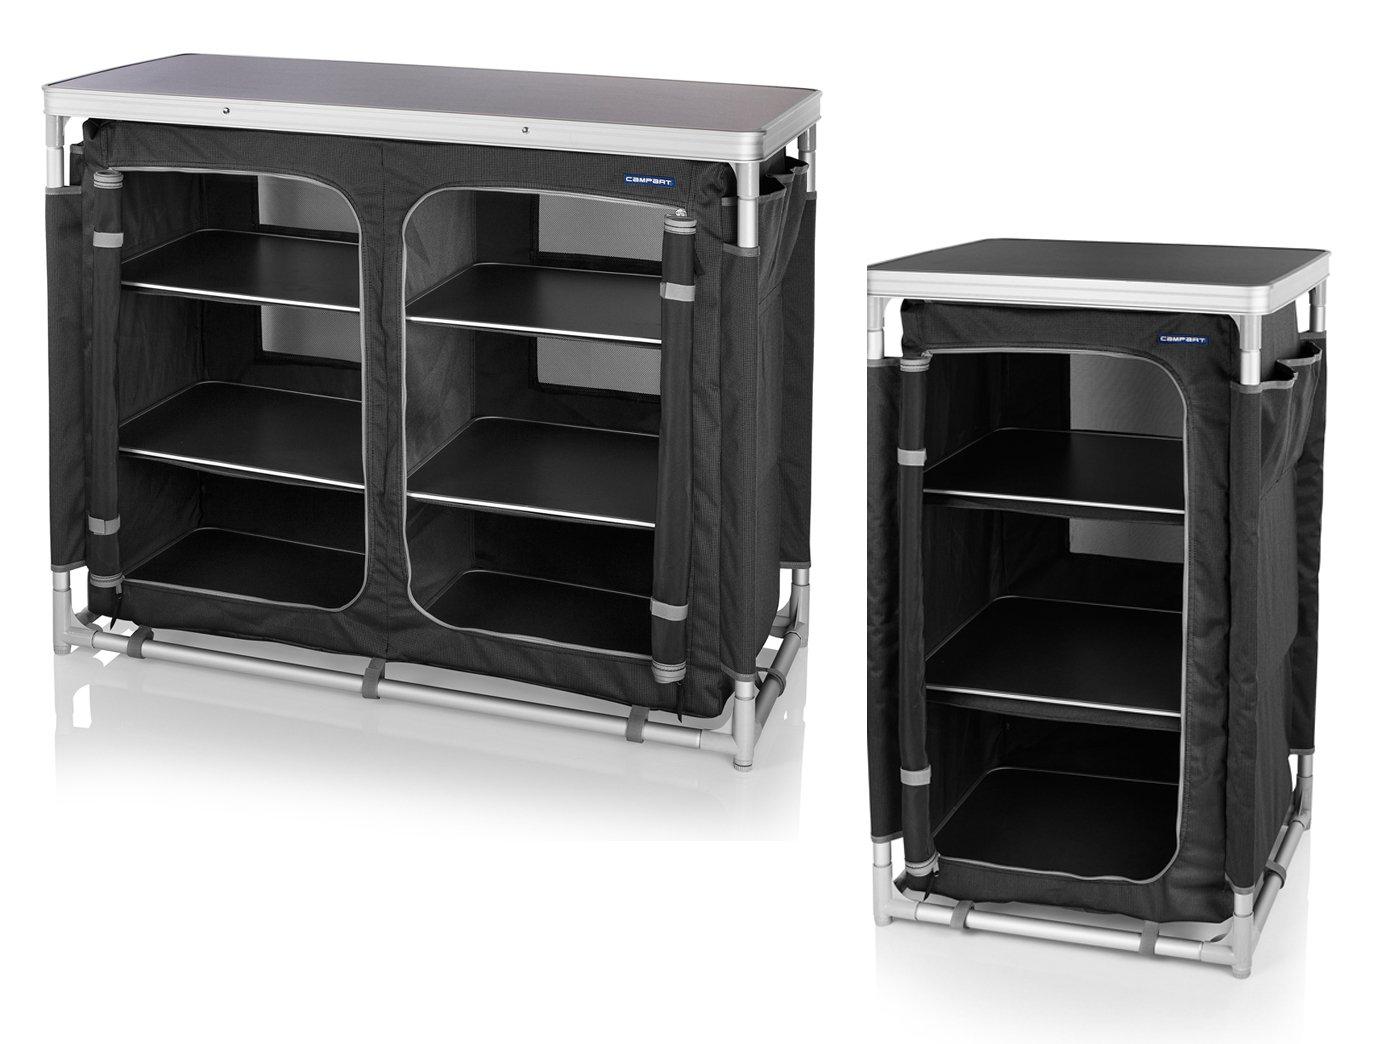 2er Set robuster stabiler Campingschrank faltbar Outdoor Küchenschrank Kleiderschrank